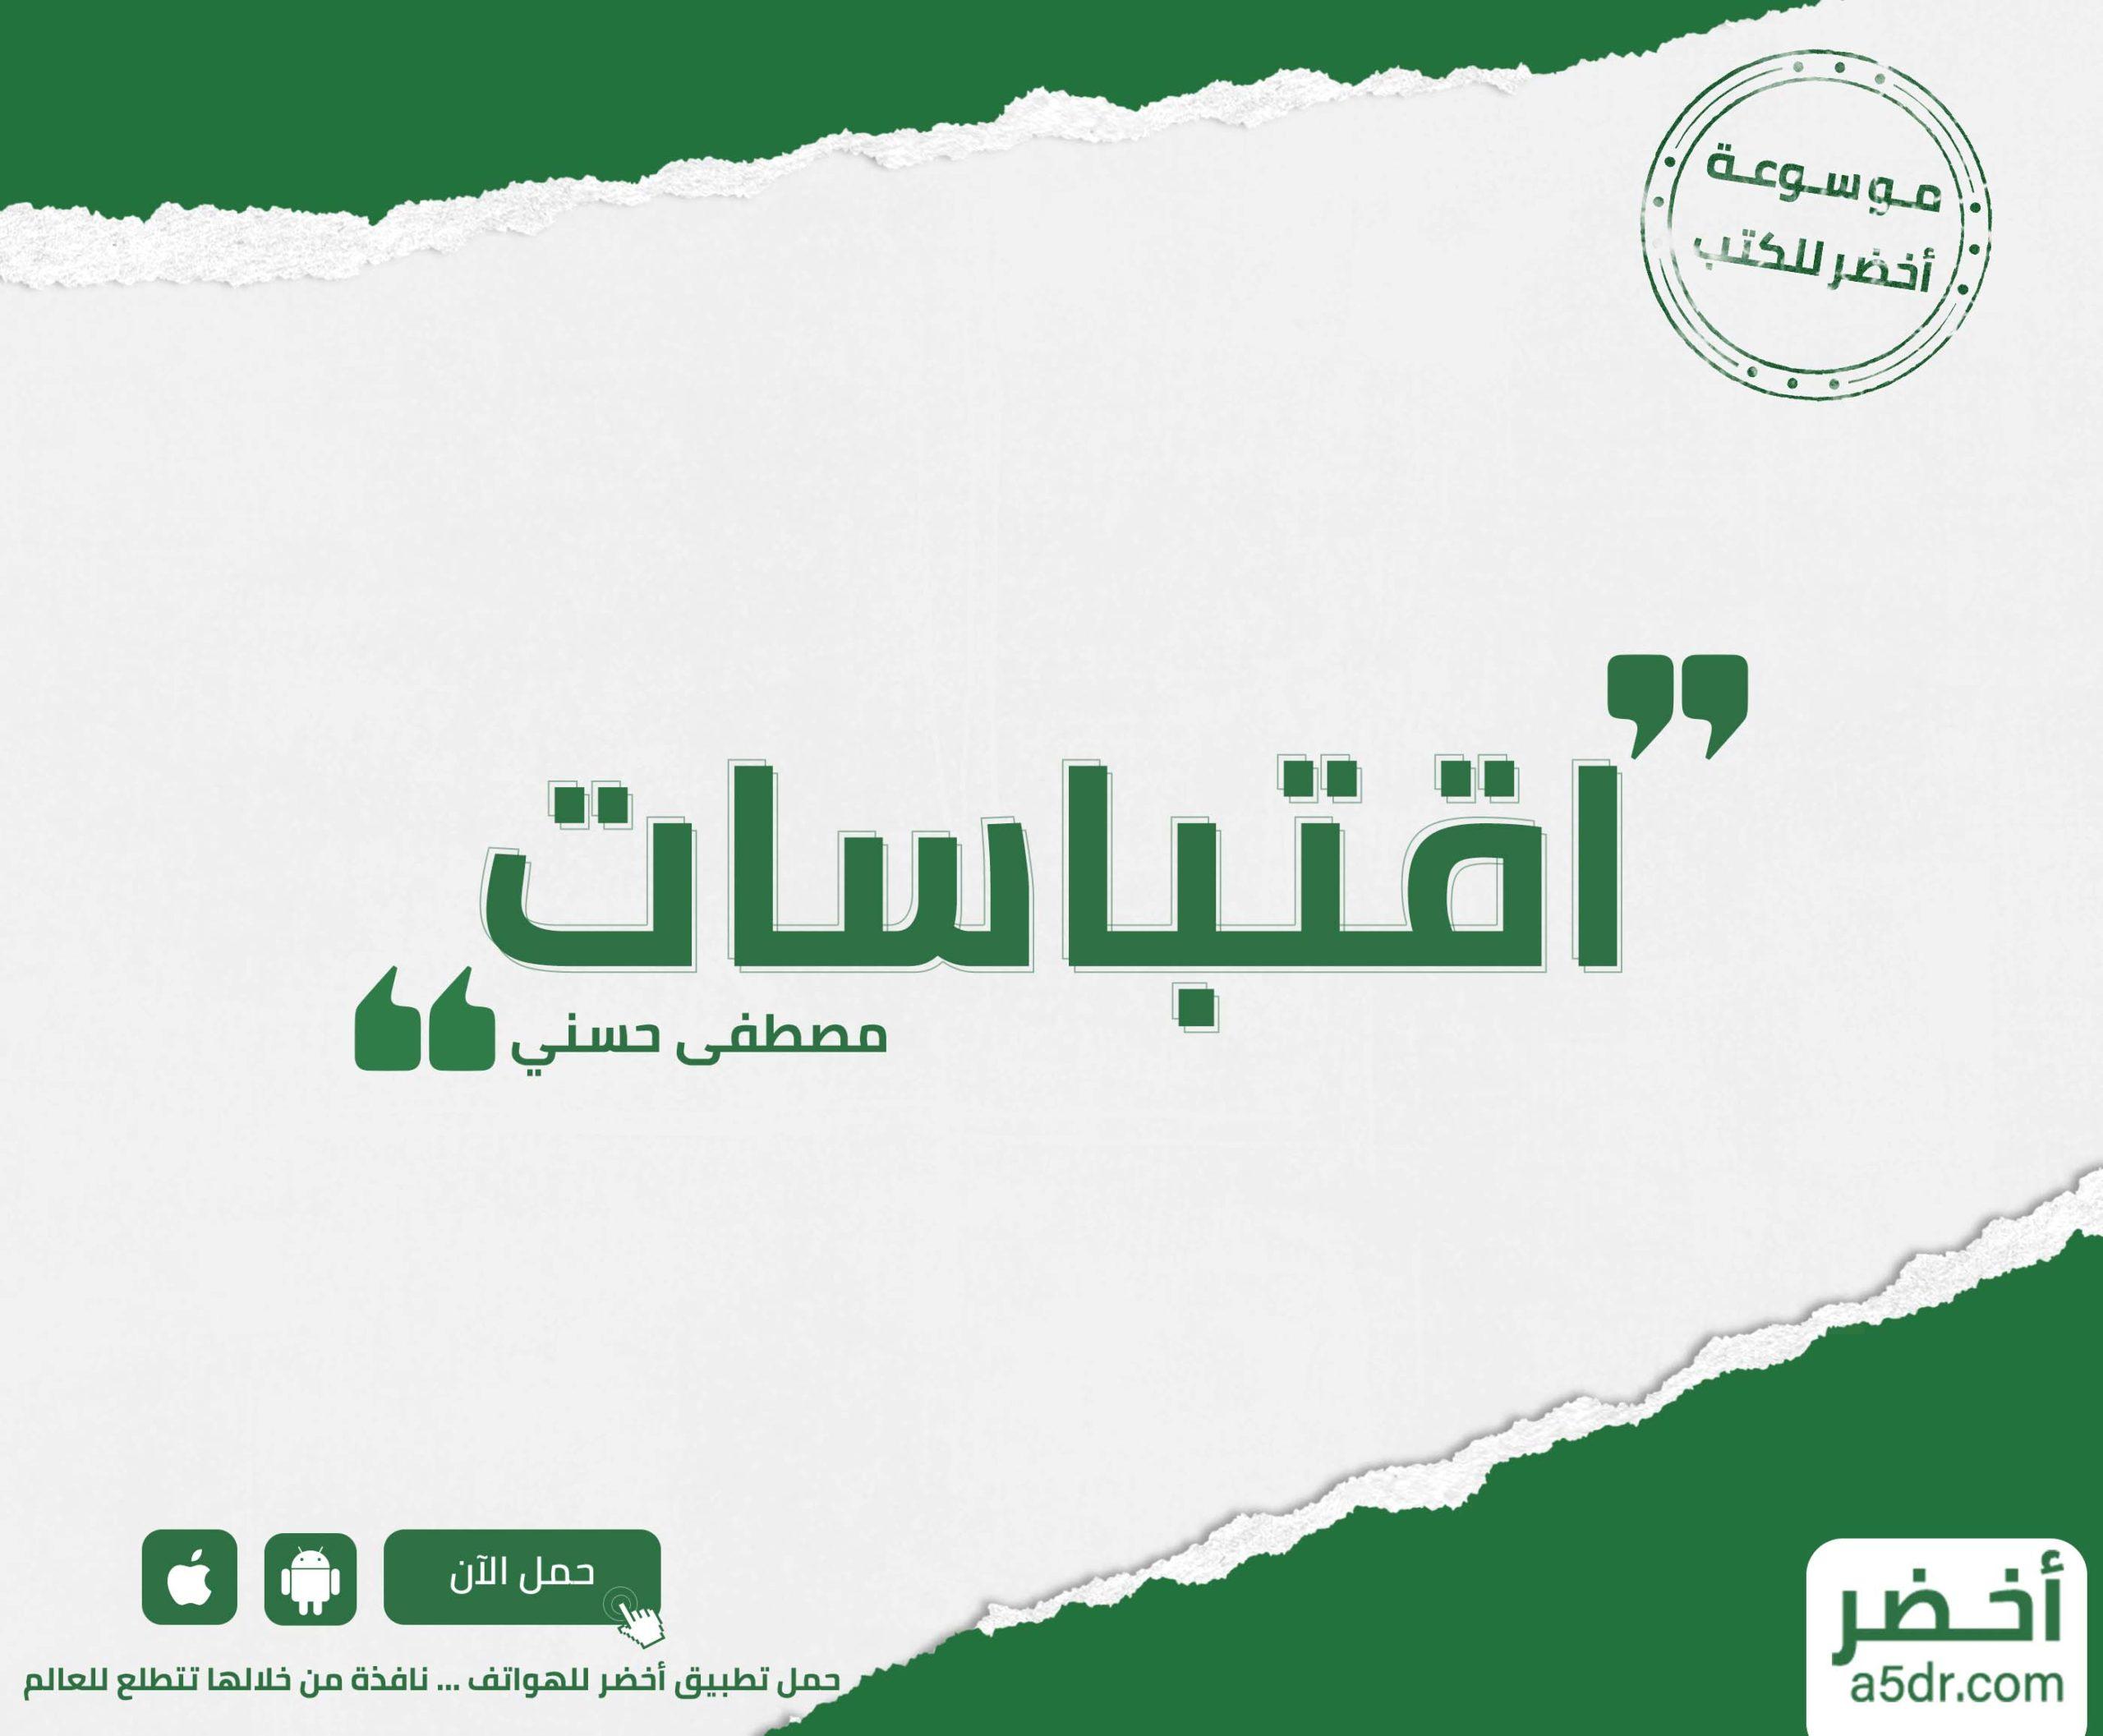 أقوال واقتباسات مصطفى حسني